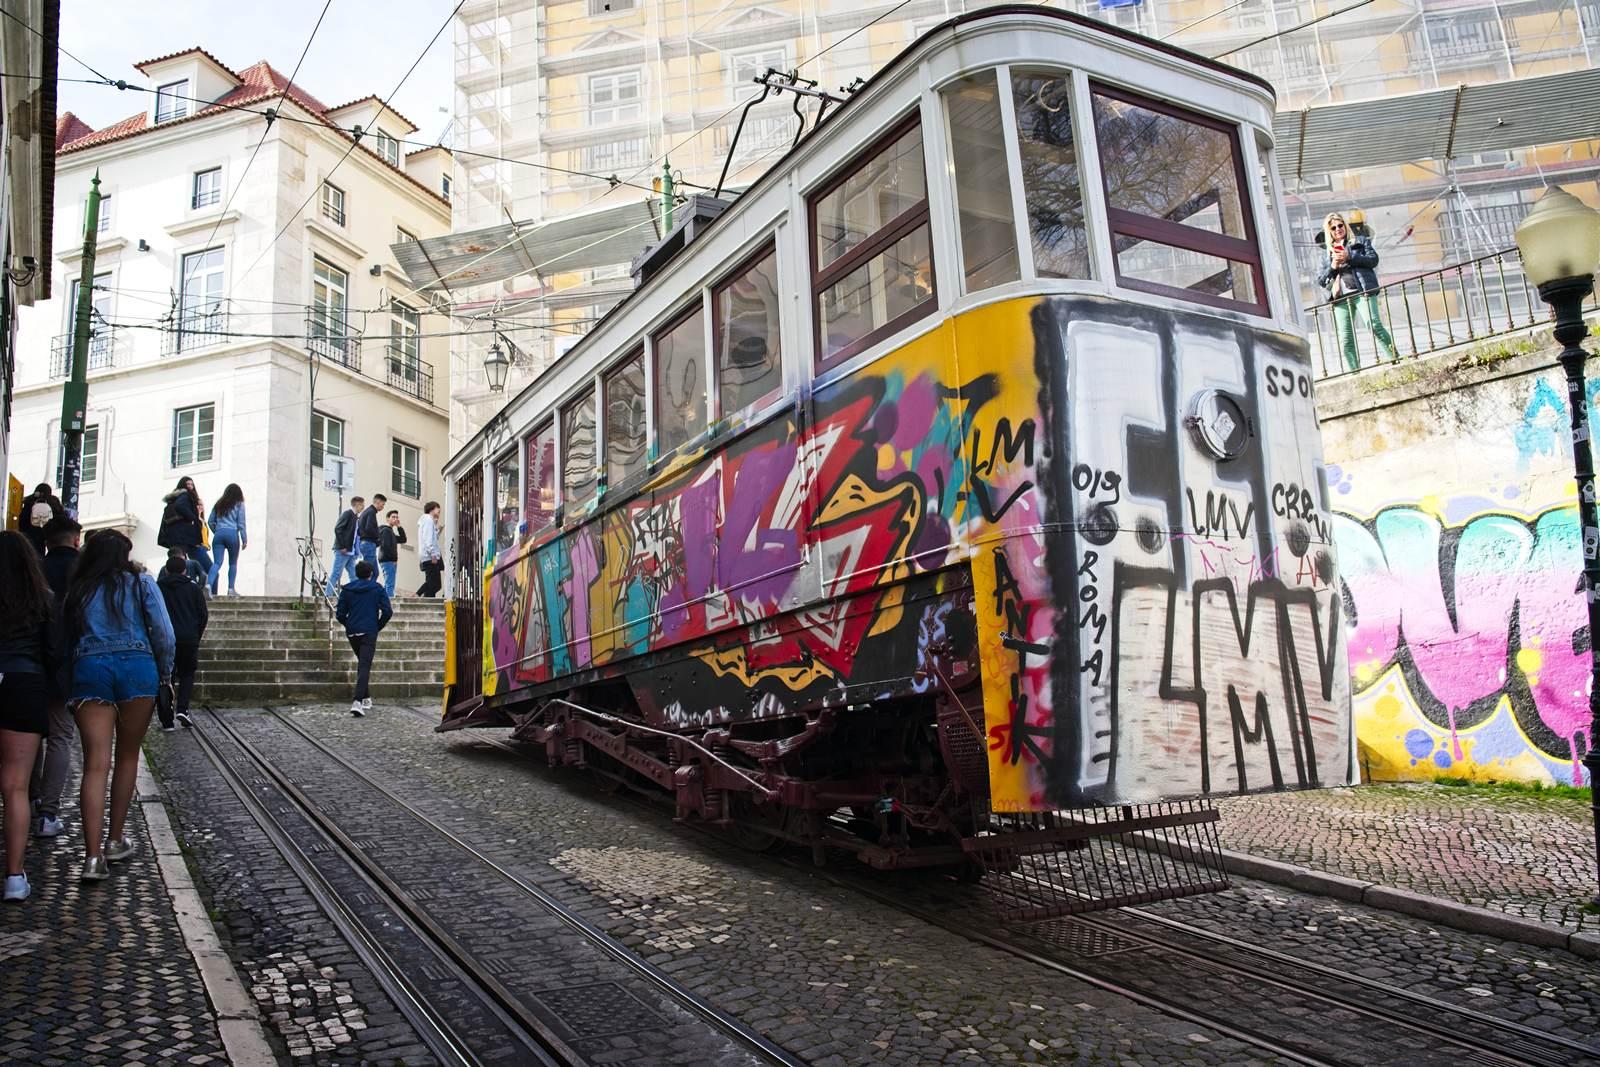 tramwaje lizbona co zobaczyc w lizbonie ciekawe miejsca lizbona